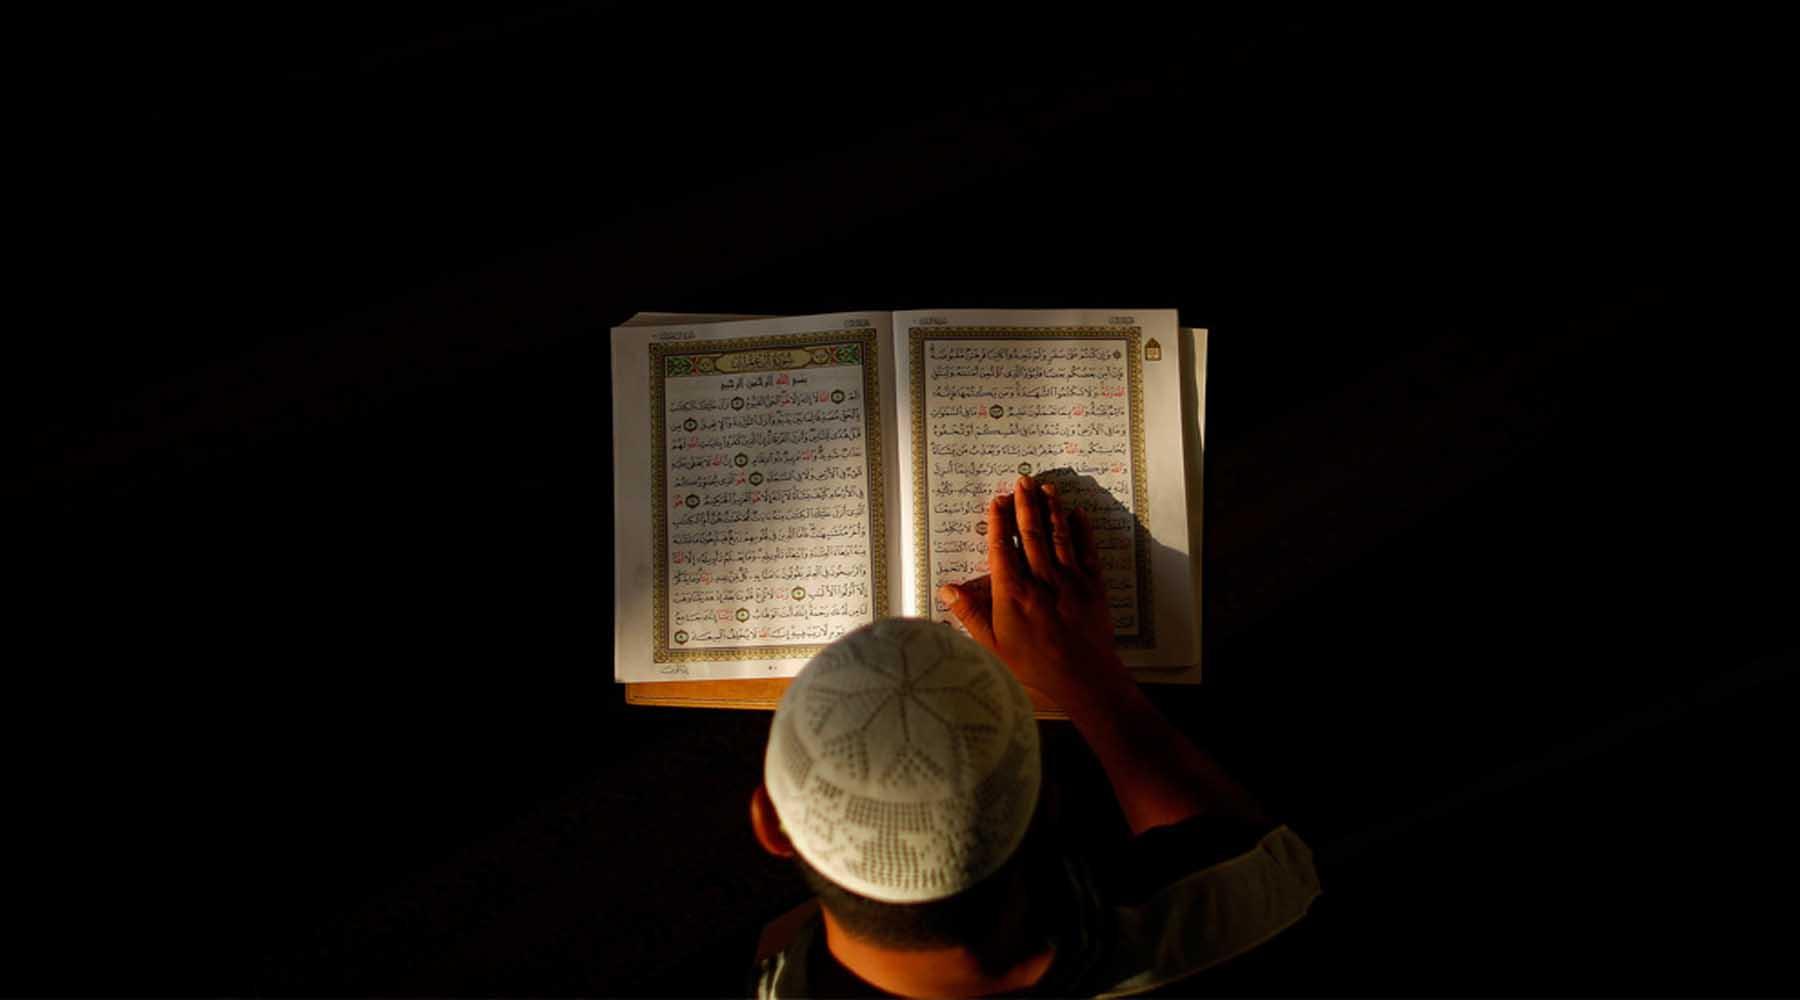 Ayat Kursi Dan Maknanya bimbingan islam